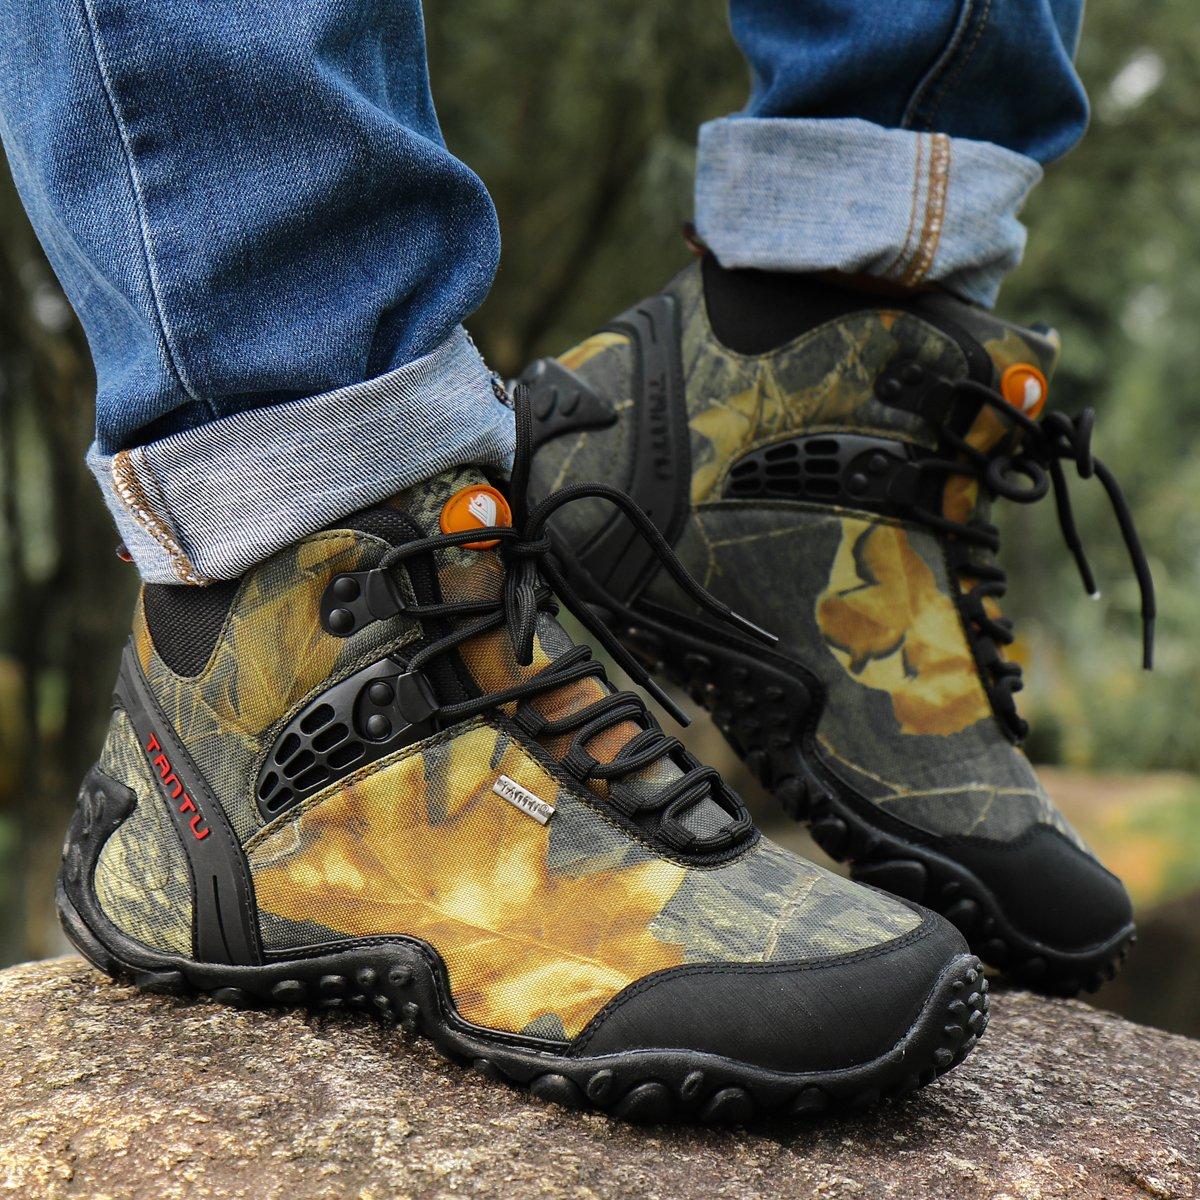 Gomnear de los Hombres Botas de Monta/ña Trekking Zapatos Al Aire Libre Deporte Antideslizante Respirable para Caminar Alpinismo Zapatillas